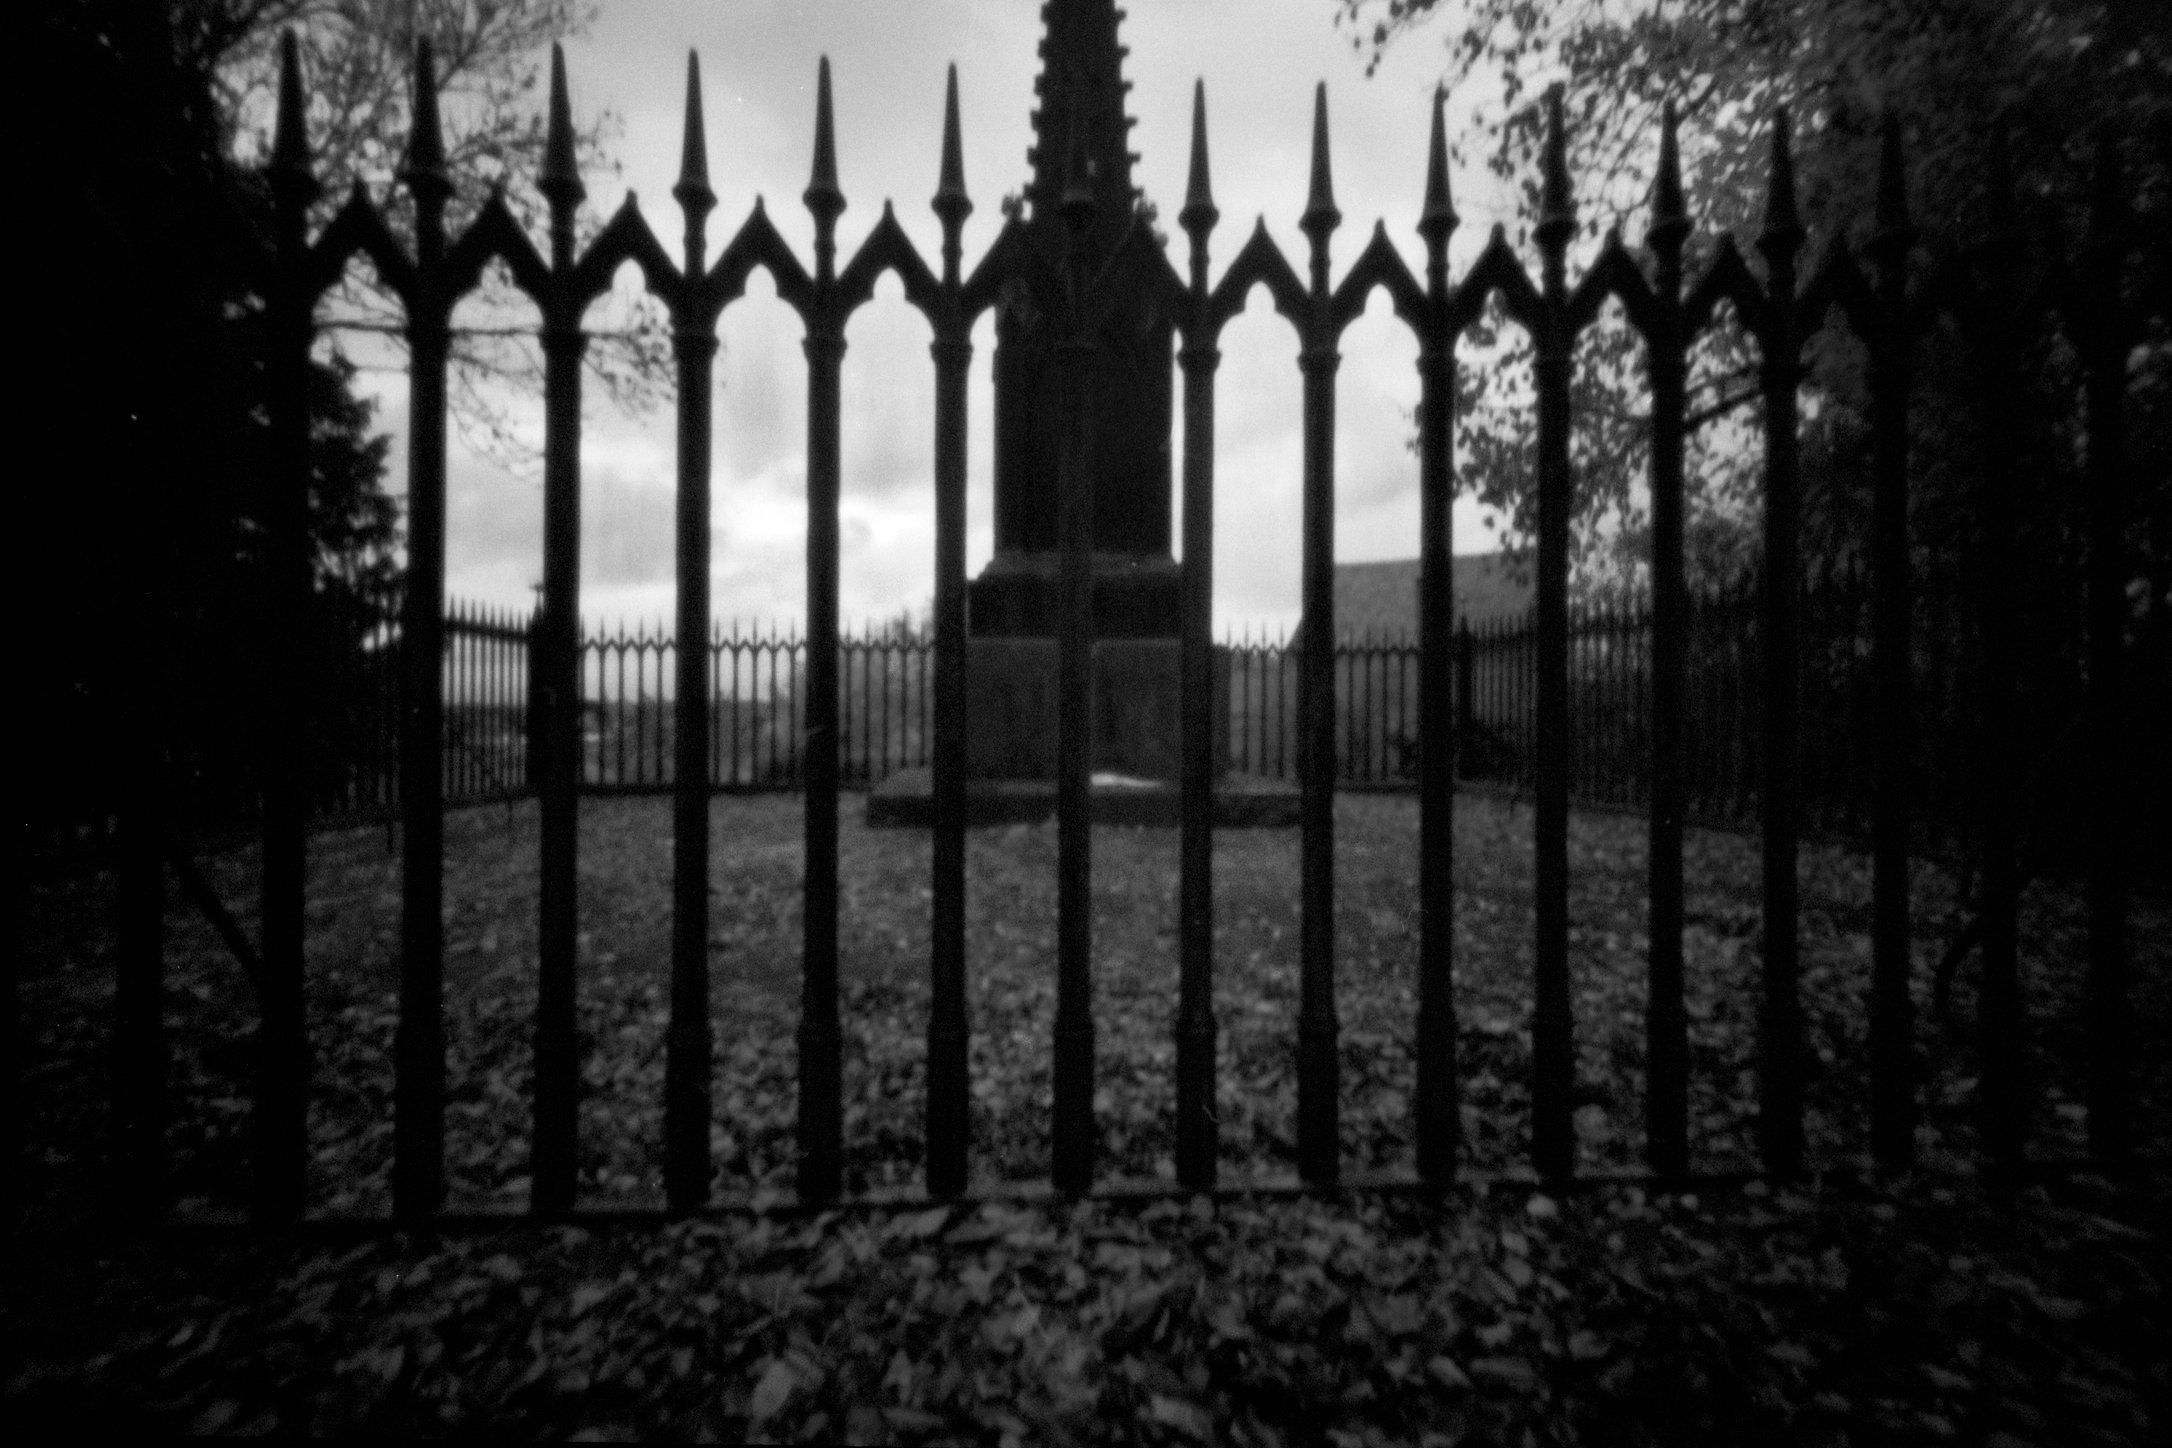 Plancenoit, Prussian monument